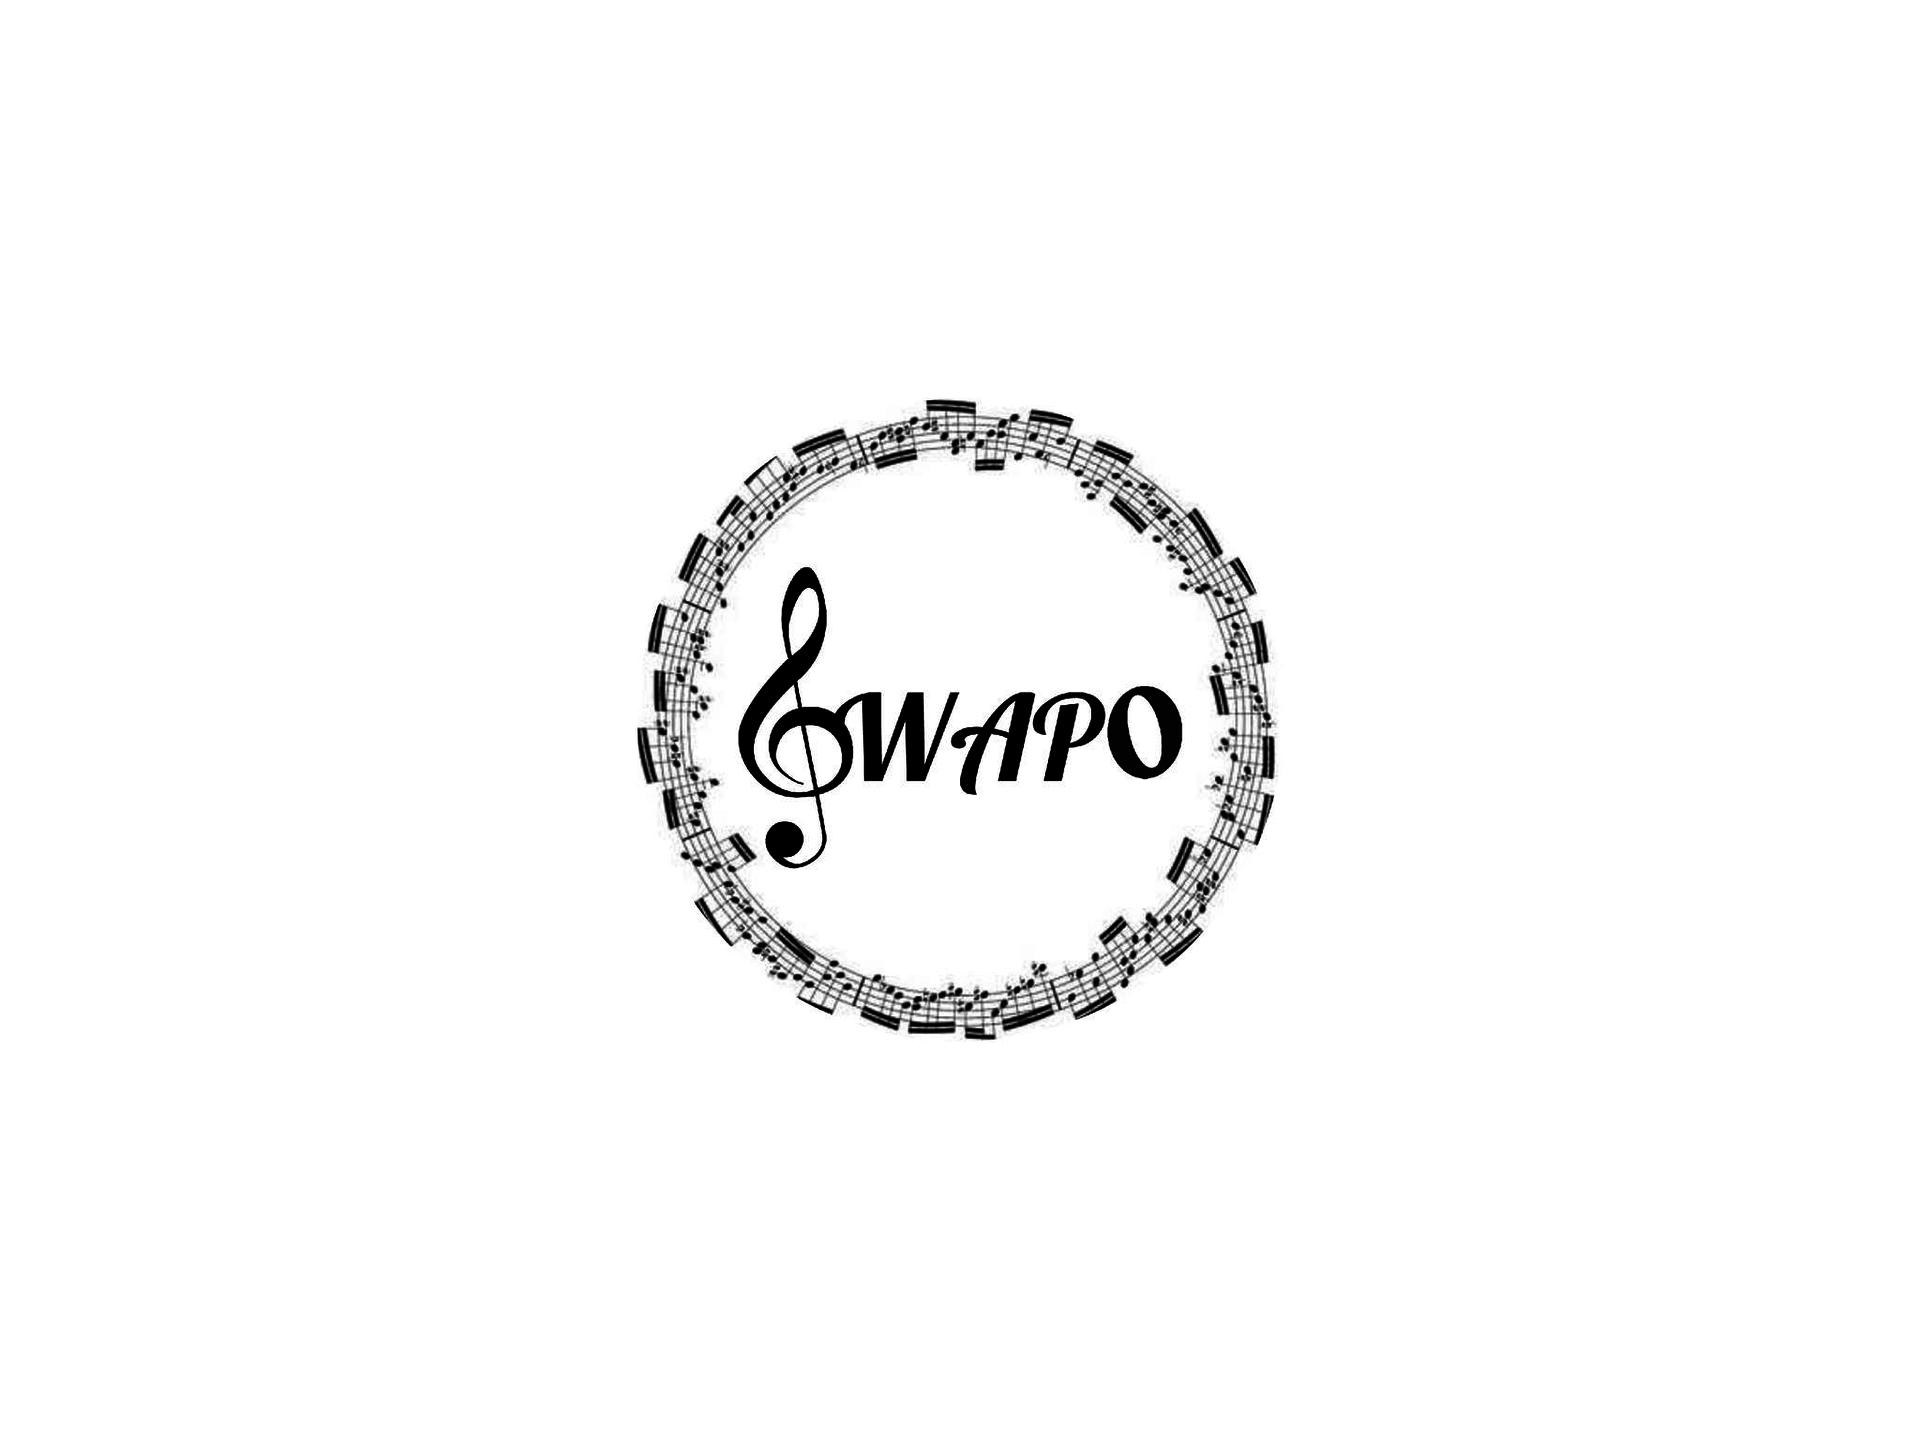 Gwapo Gear Store